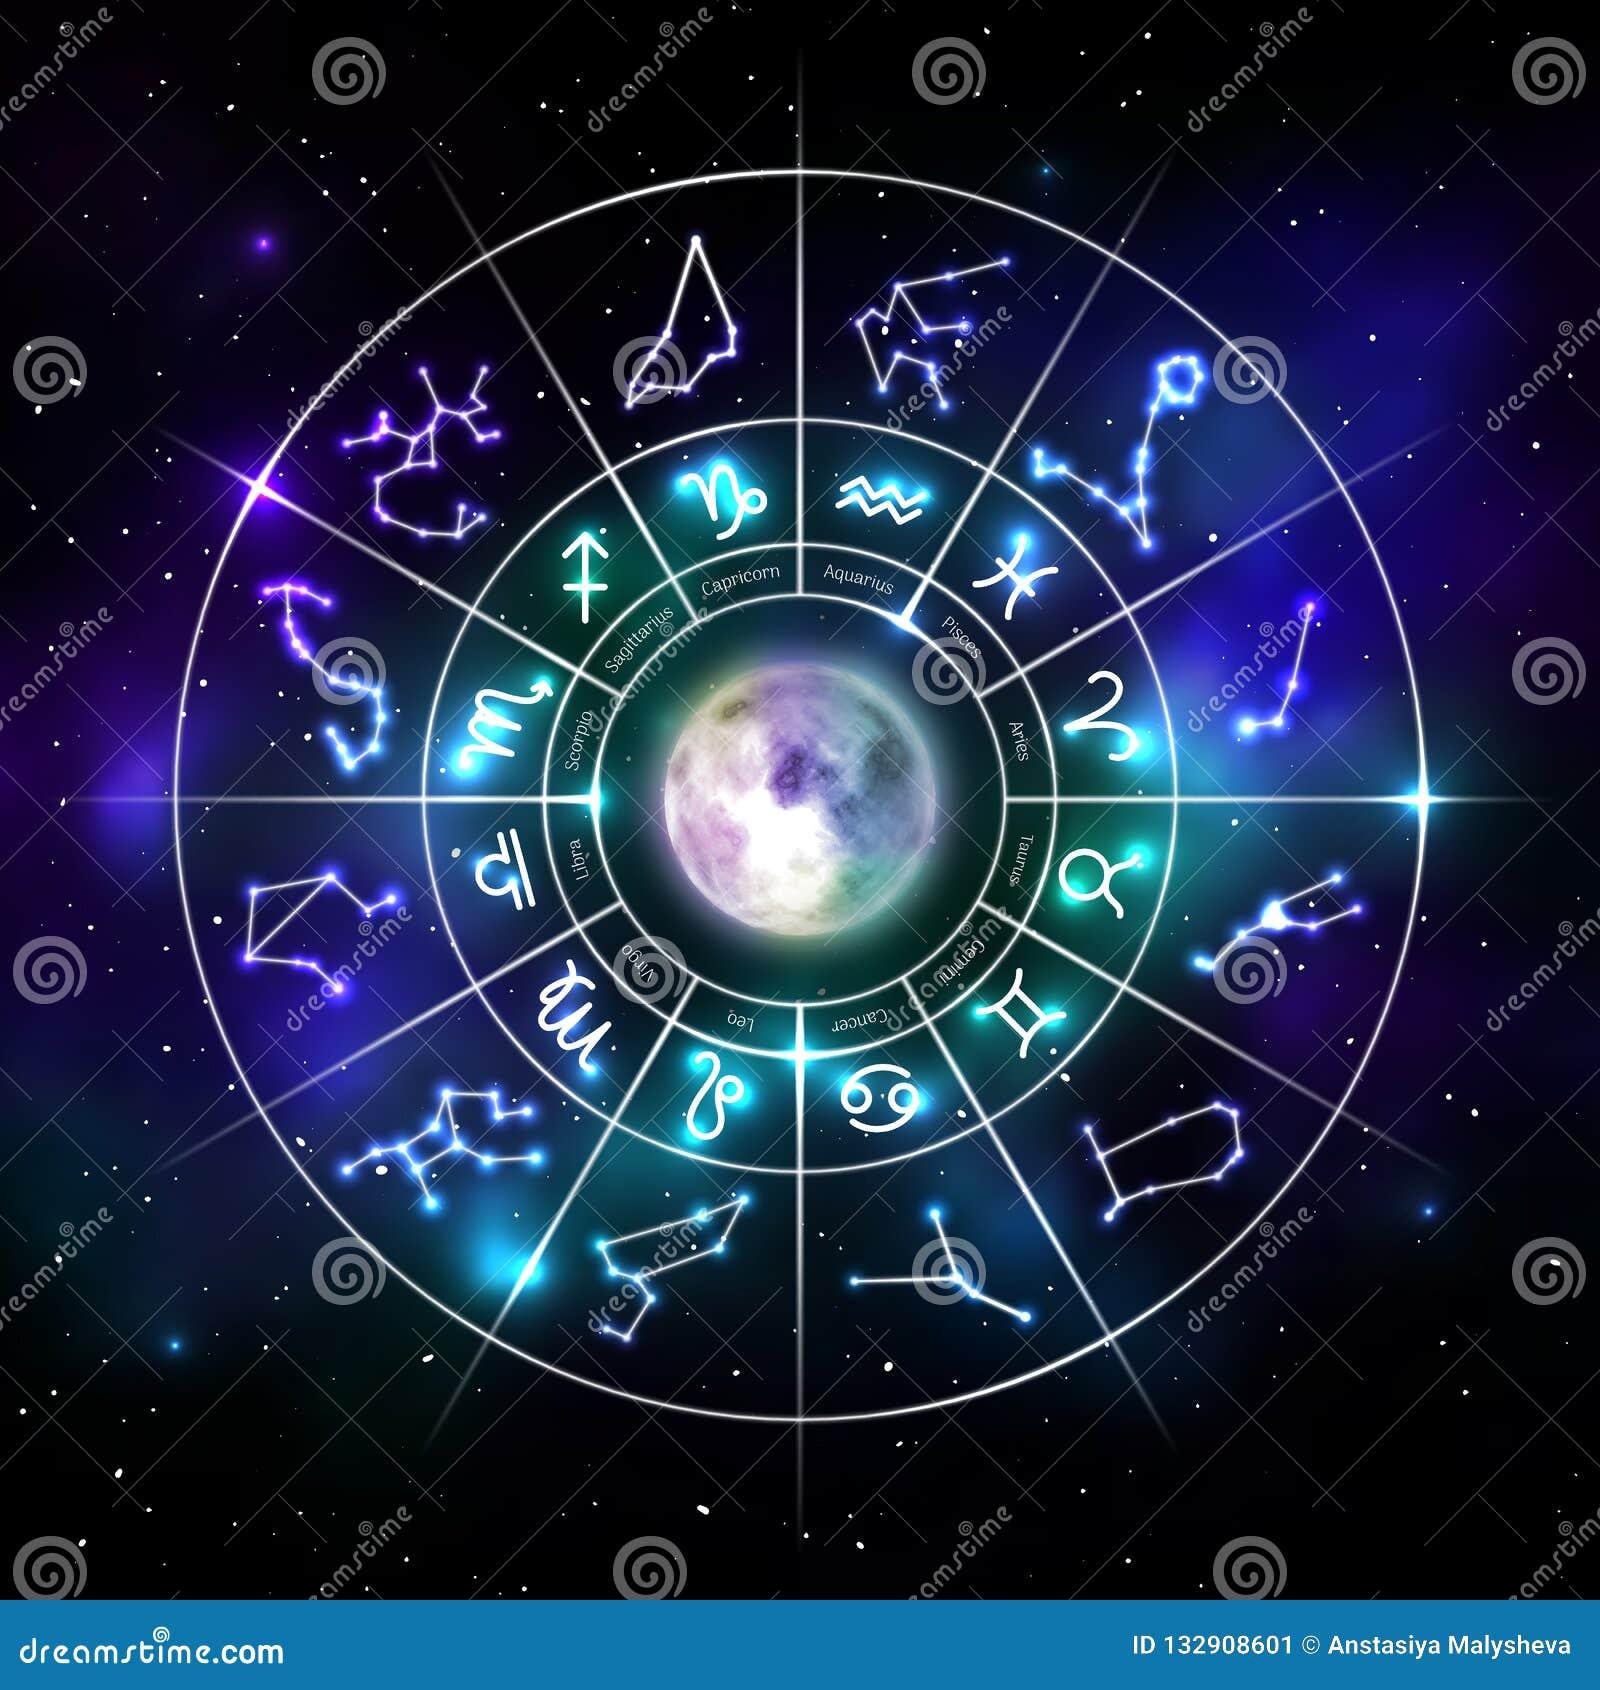 Simboli Luna Calendario.Cerchio Dello Zodiaco Con I Simboli Di Astrologia Nello